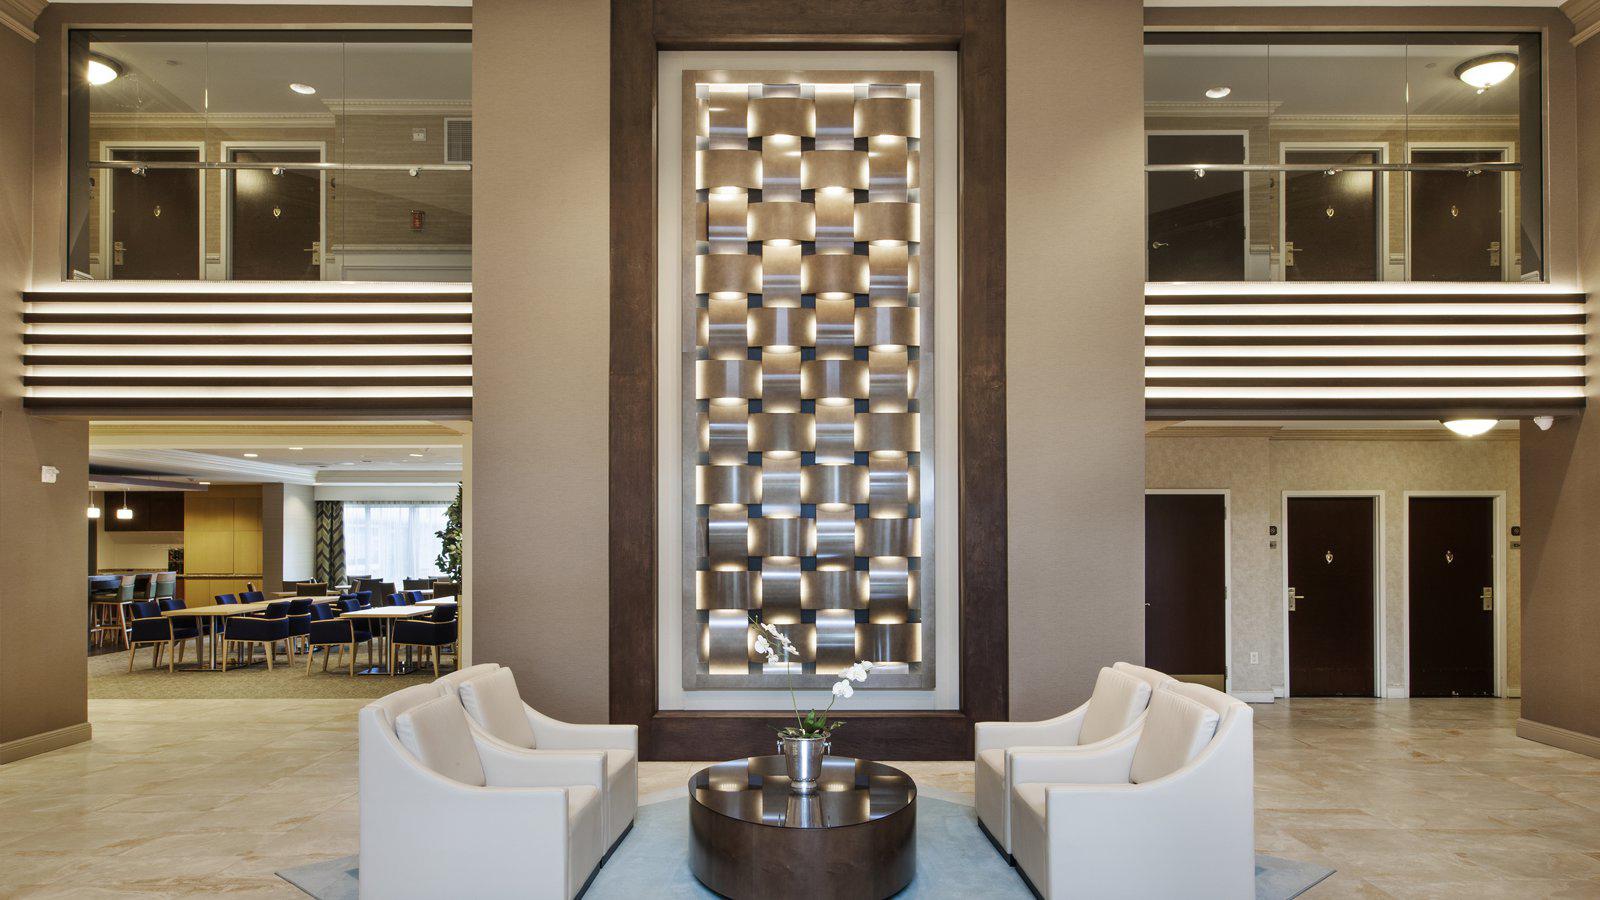 Basket Weave, Dimensional Walls, Moz Designer Metals